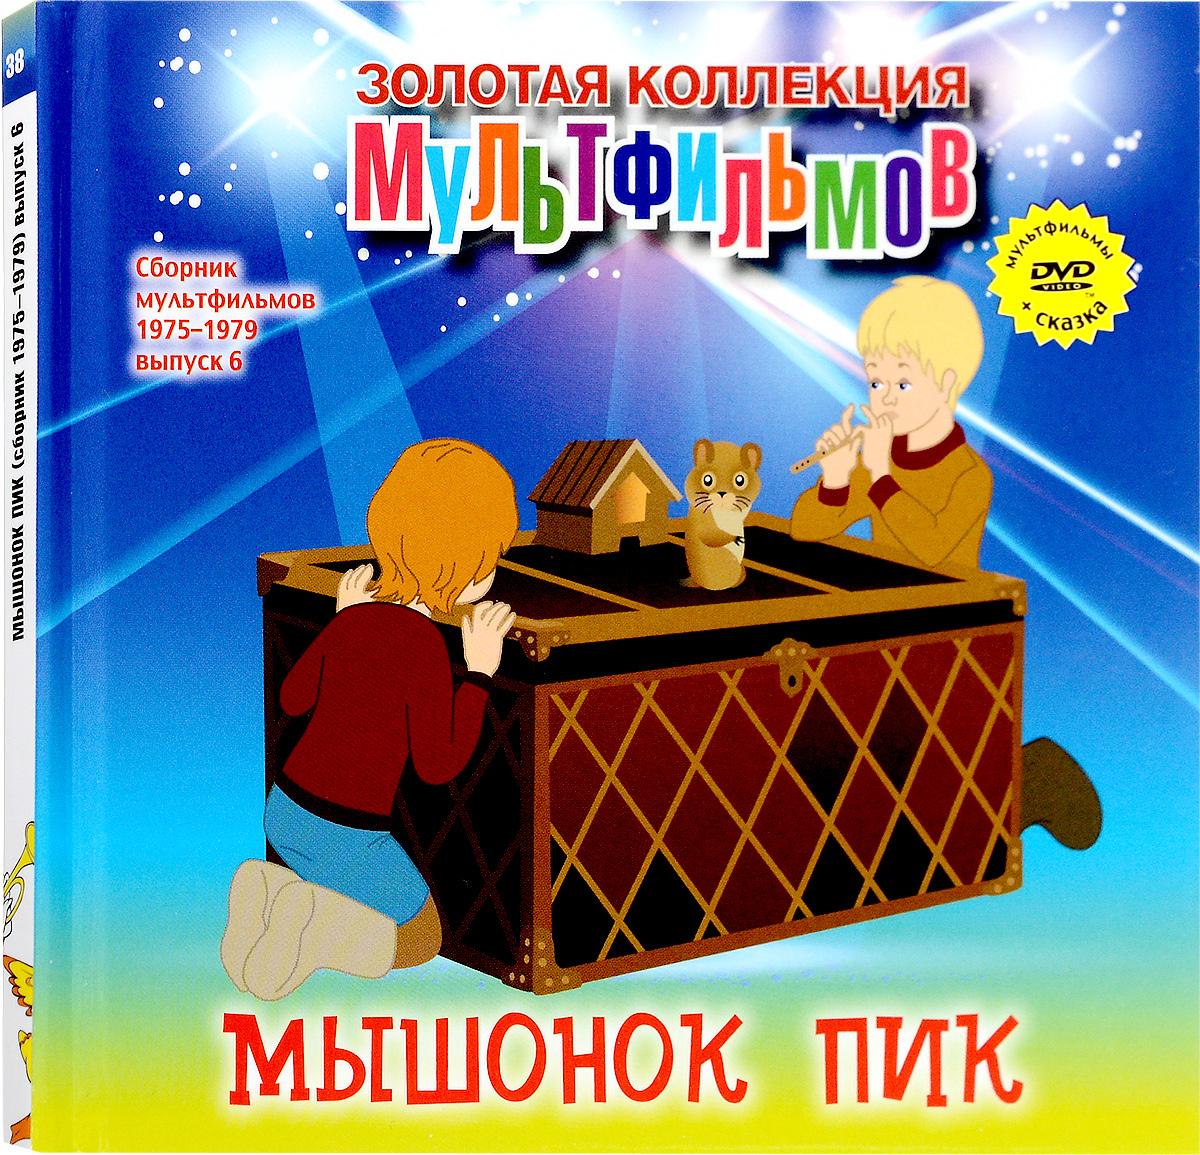 Сборник мультфильмов 1975-1979: Выпуск 6: Мышонок Пик